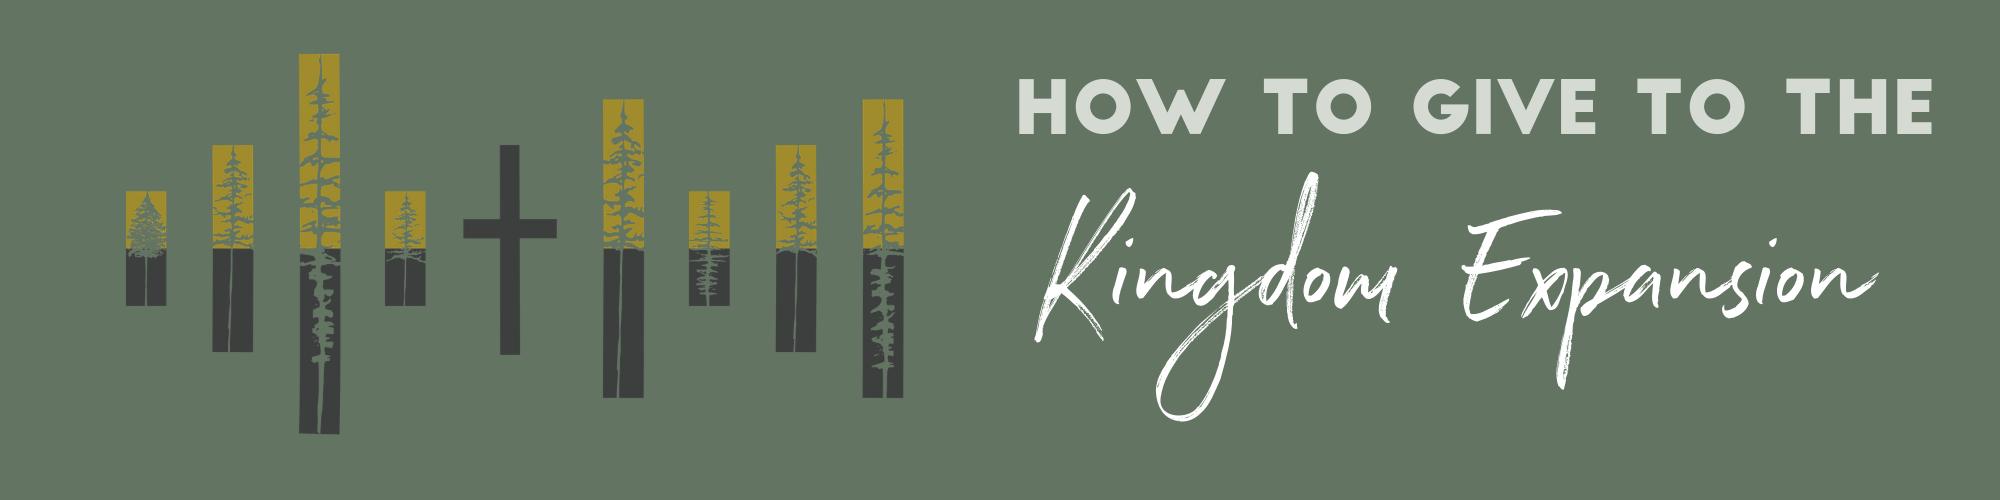 Kingdom Expansion-2.png